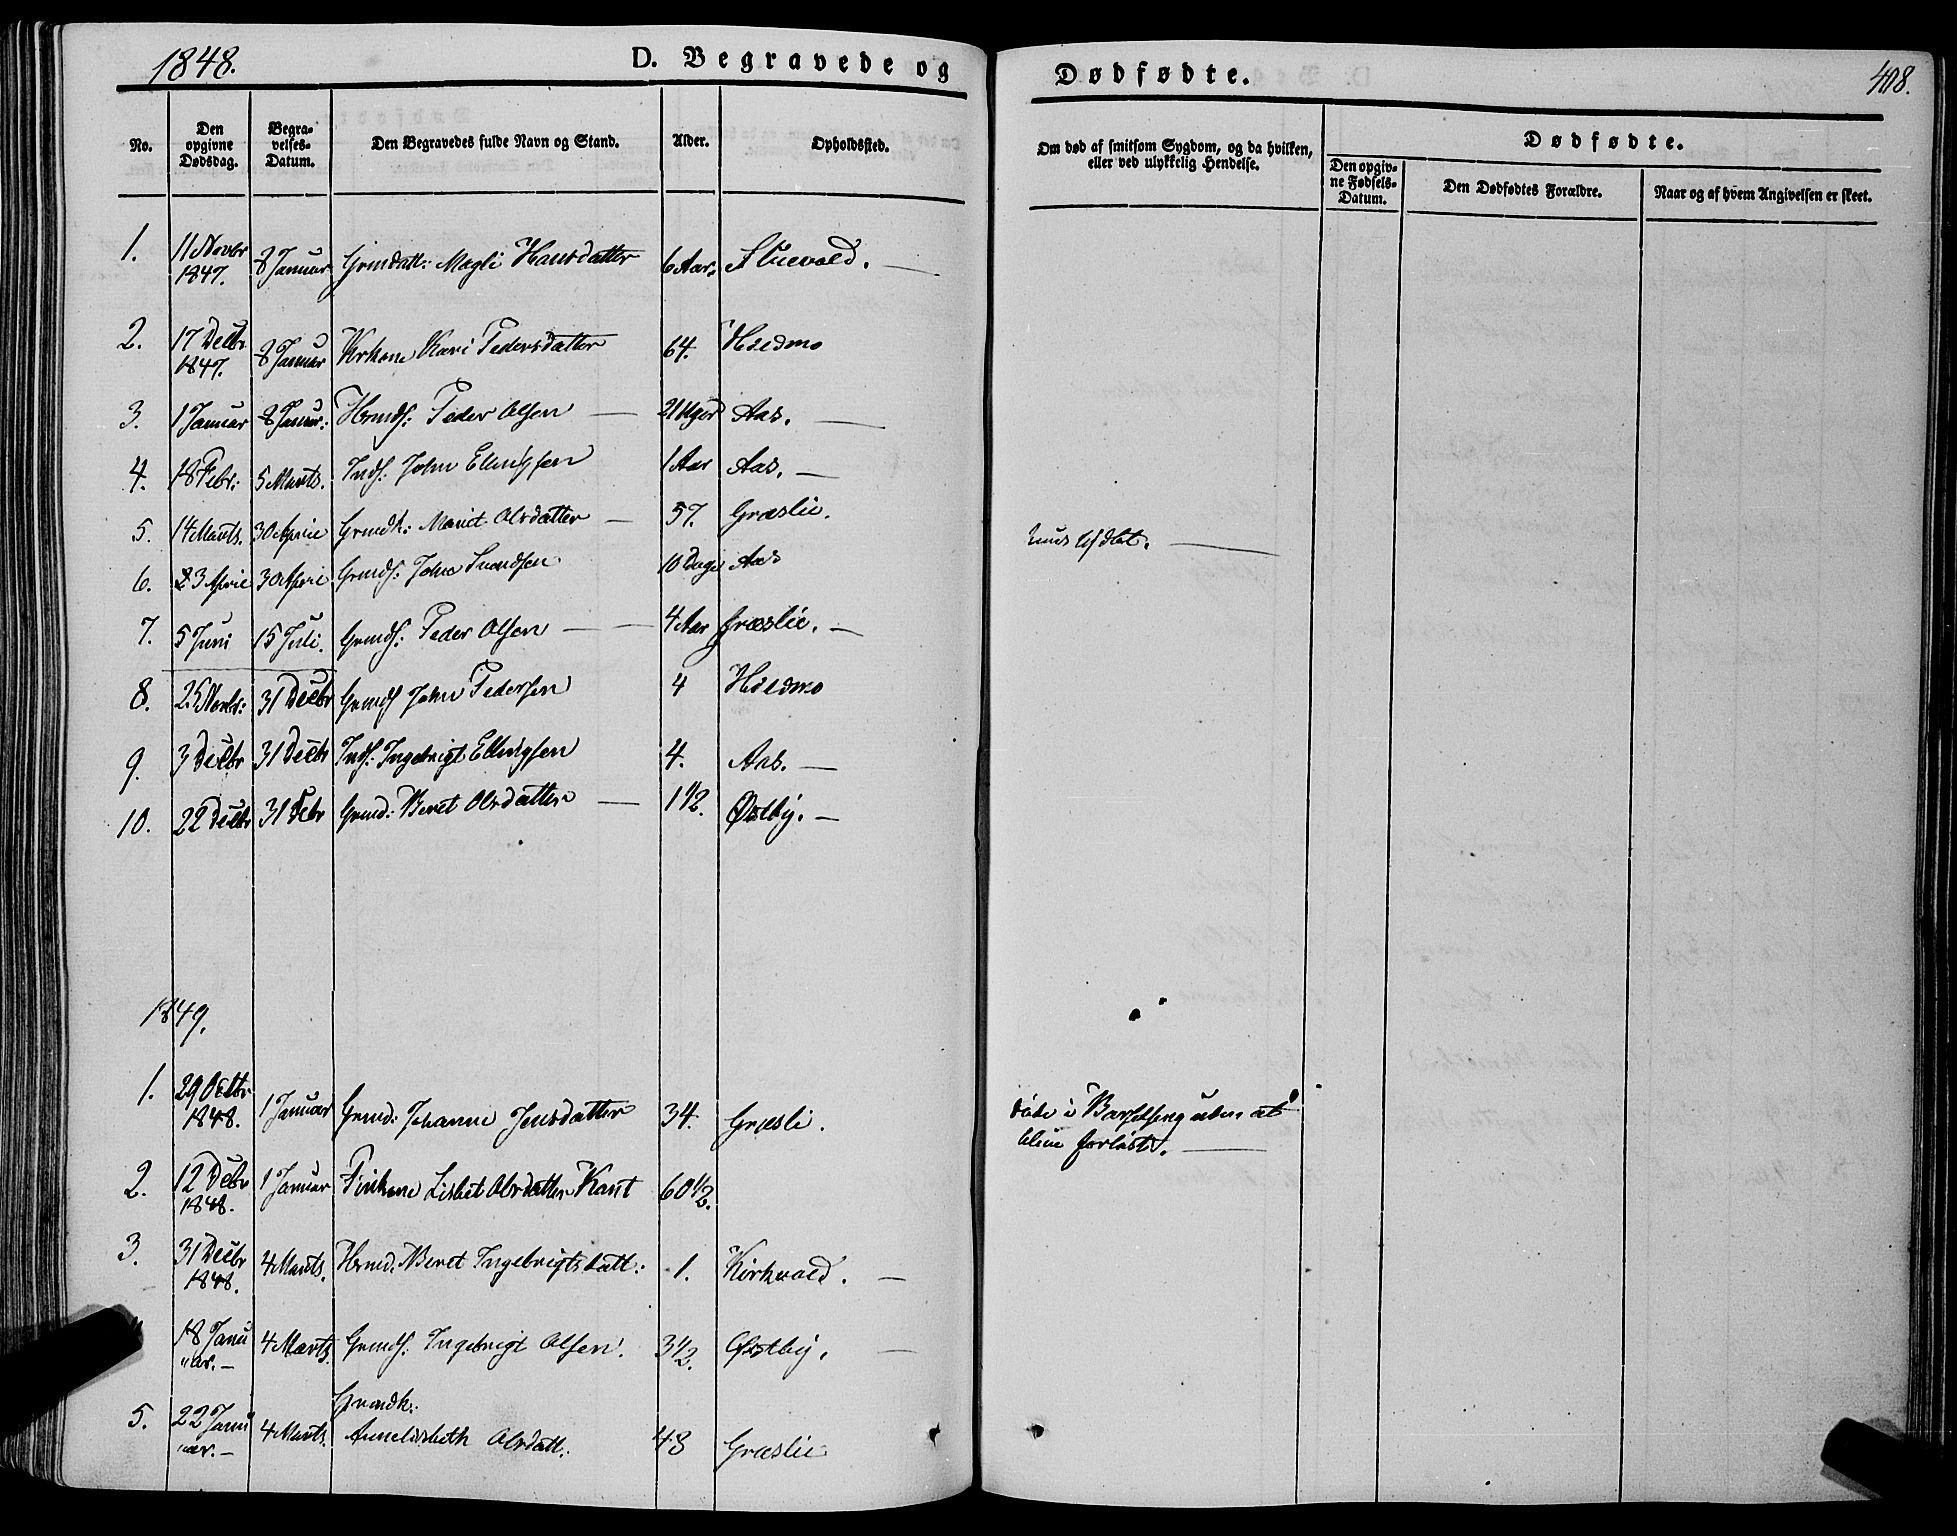 SAT, Ministerialprotokoller, klokkerbøker og fødselsregistre - Sør-Trøndelag, 695/L1146: Ministerialbok nr. 695A06 /2, 1843-1859, s. 408